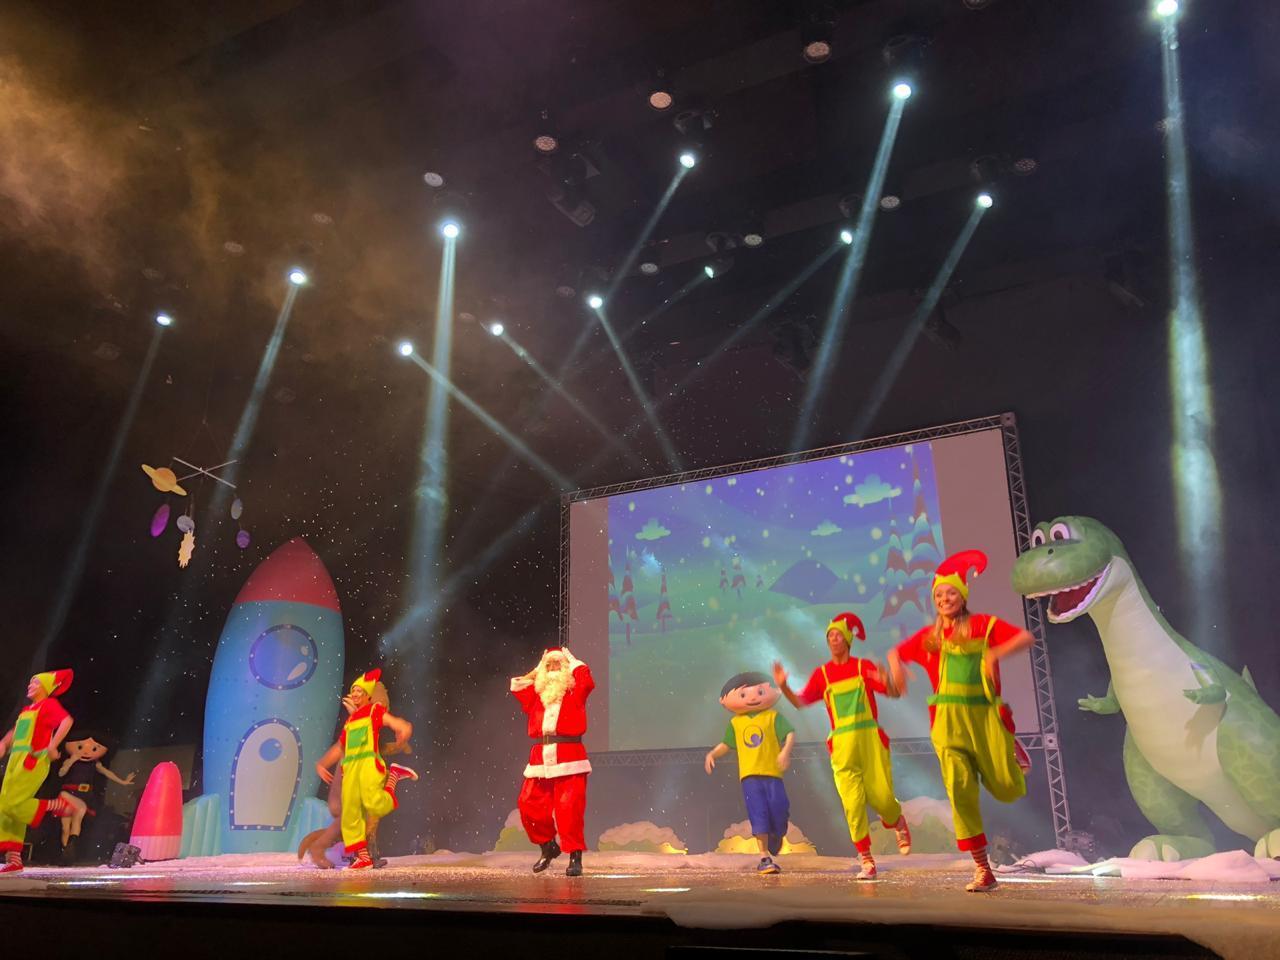 """Ingresso Inteira para qualquer setor para o espetáculo """"O SHOW DA LUNA - ESPECIAL DE NATAL"""" por apenas R$33,40 no Teatro Brasil Tropical"""